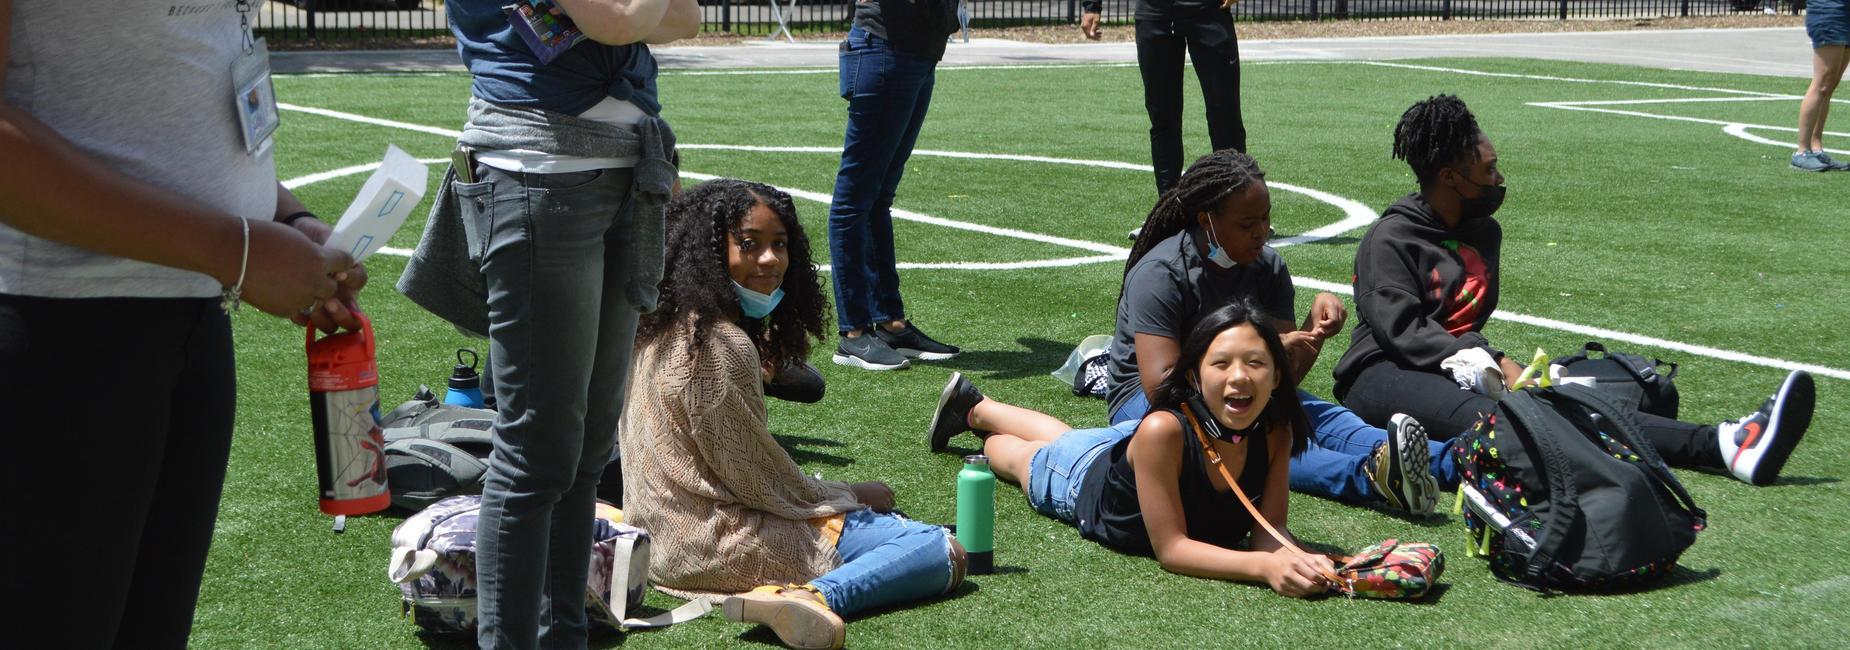 Children watching  game